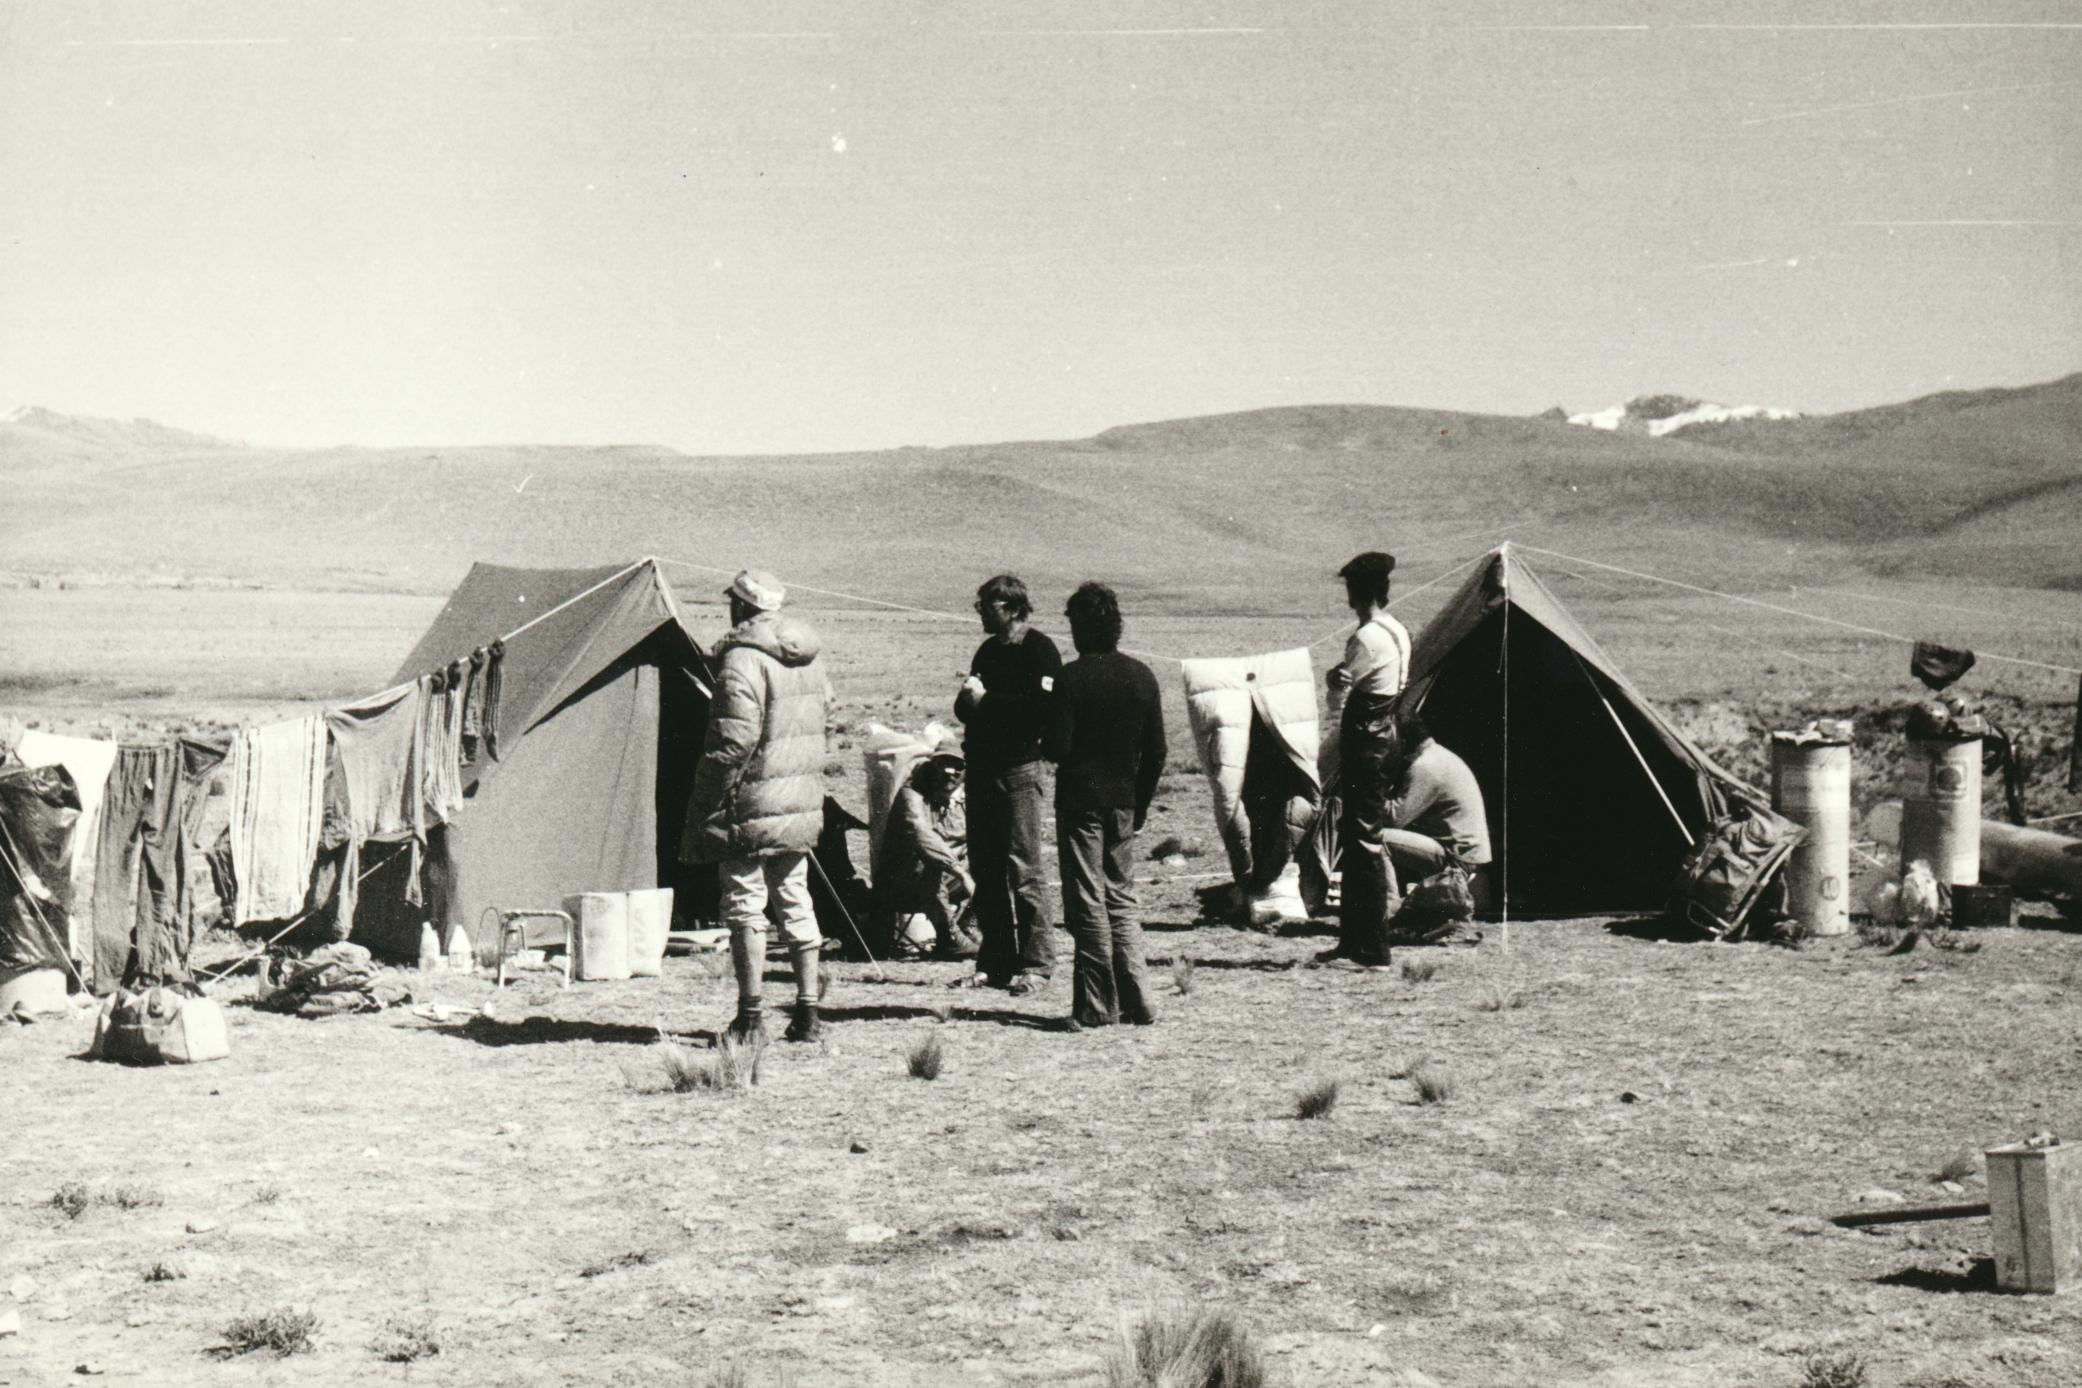 Základní tábor nedaleko vesnice Cailoma